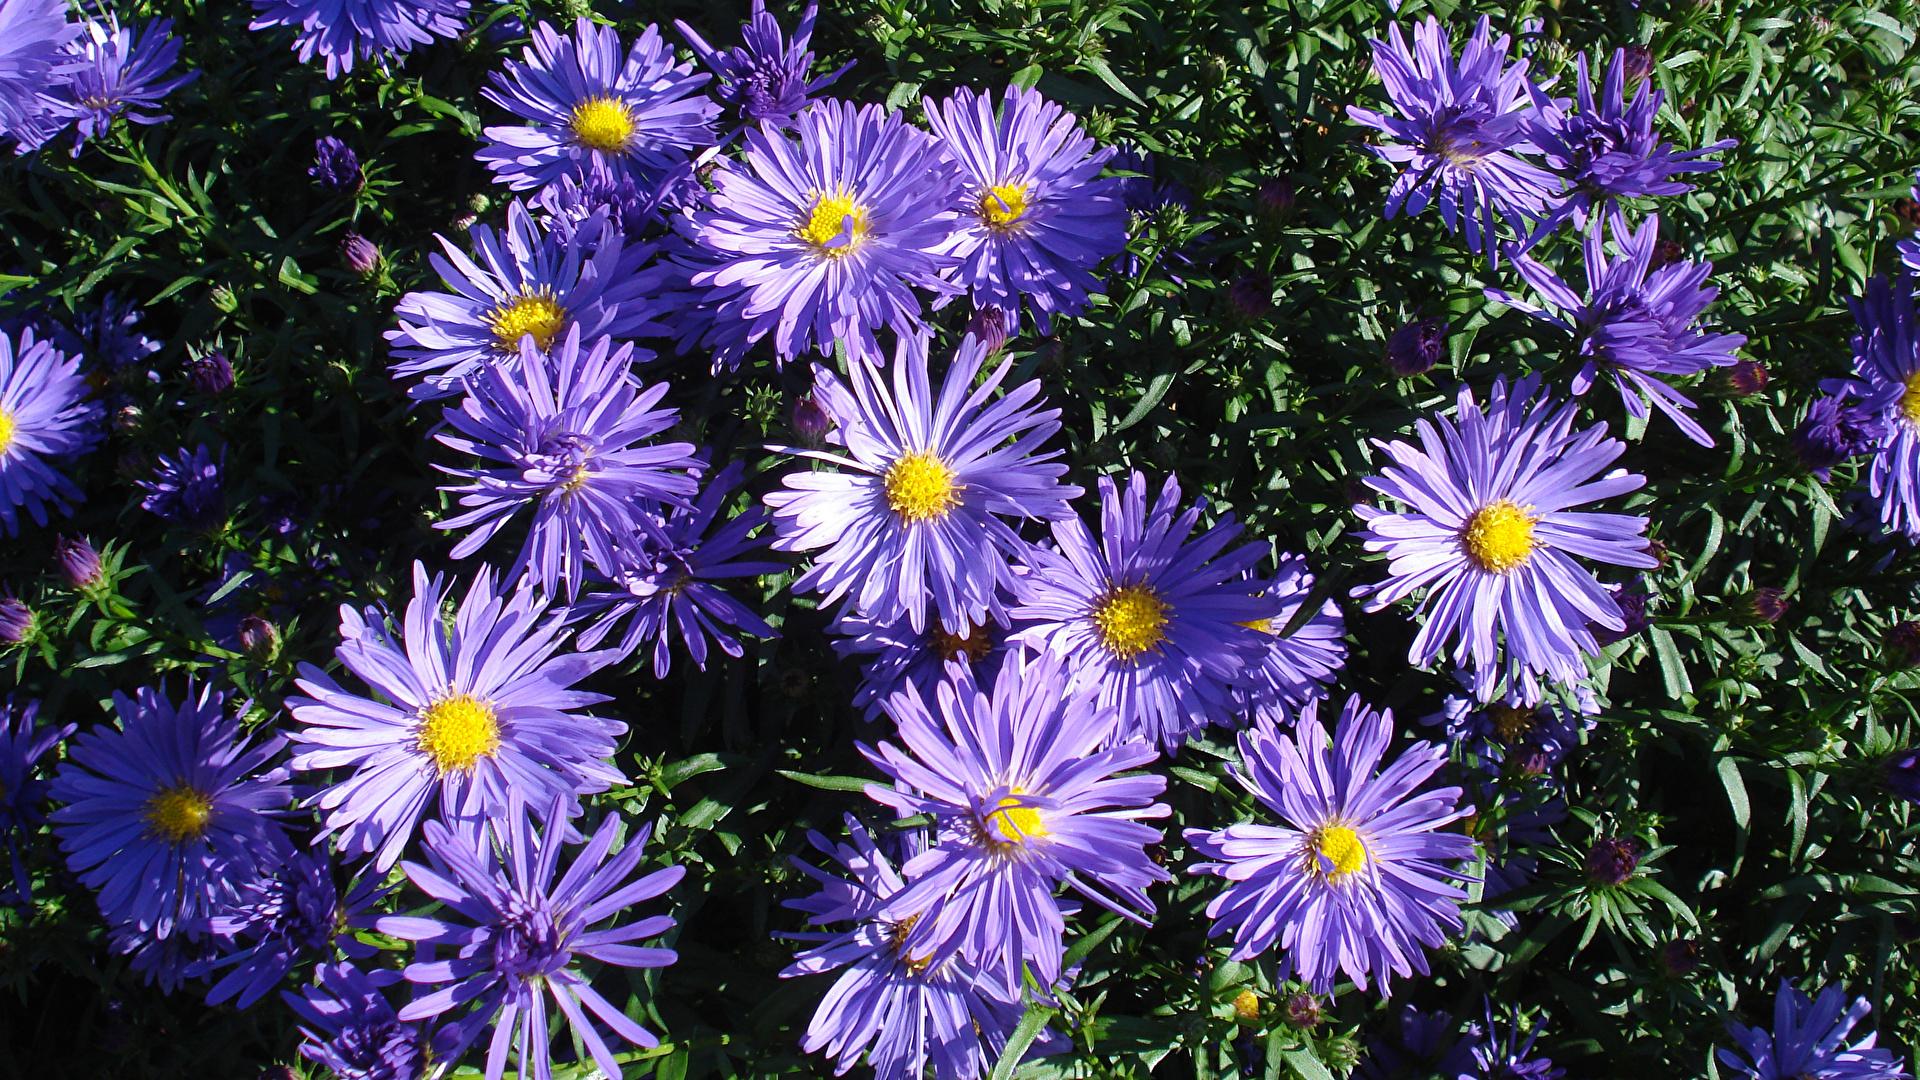 Фотографии фиолетовые Цветы Хризантемы Крупным планом 1920x1080 фиолетовая Фиолетовый фиолетовых цветок вблизи